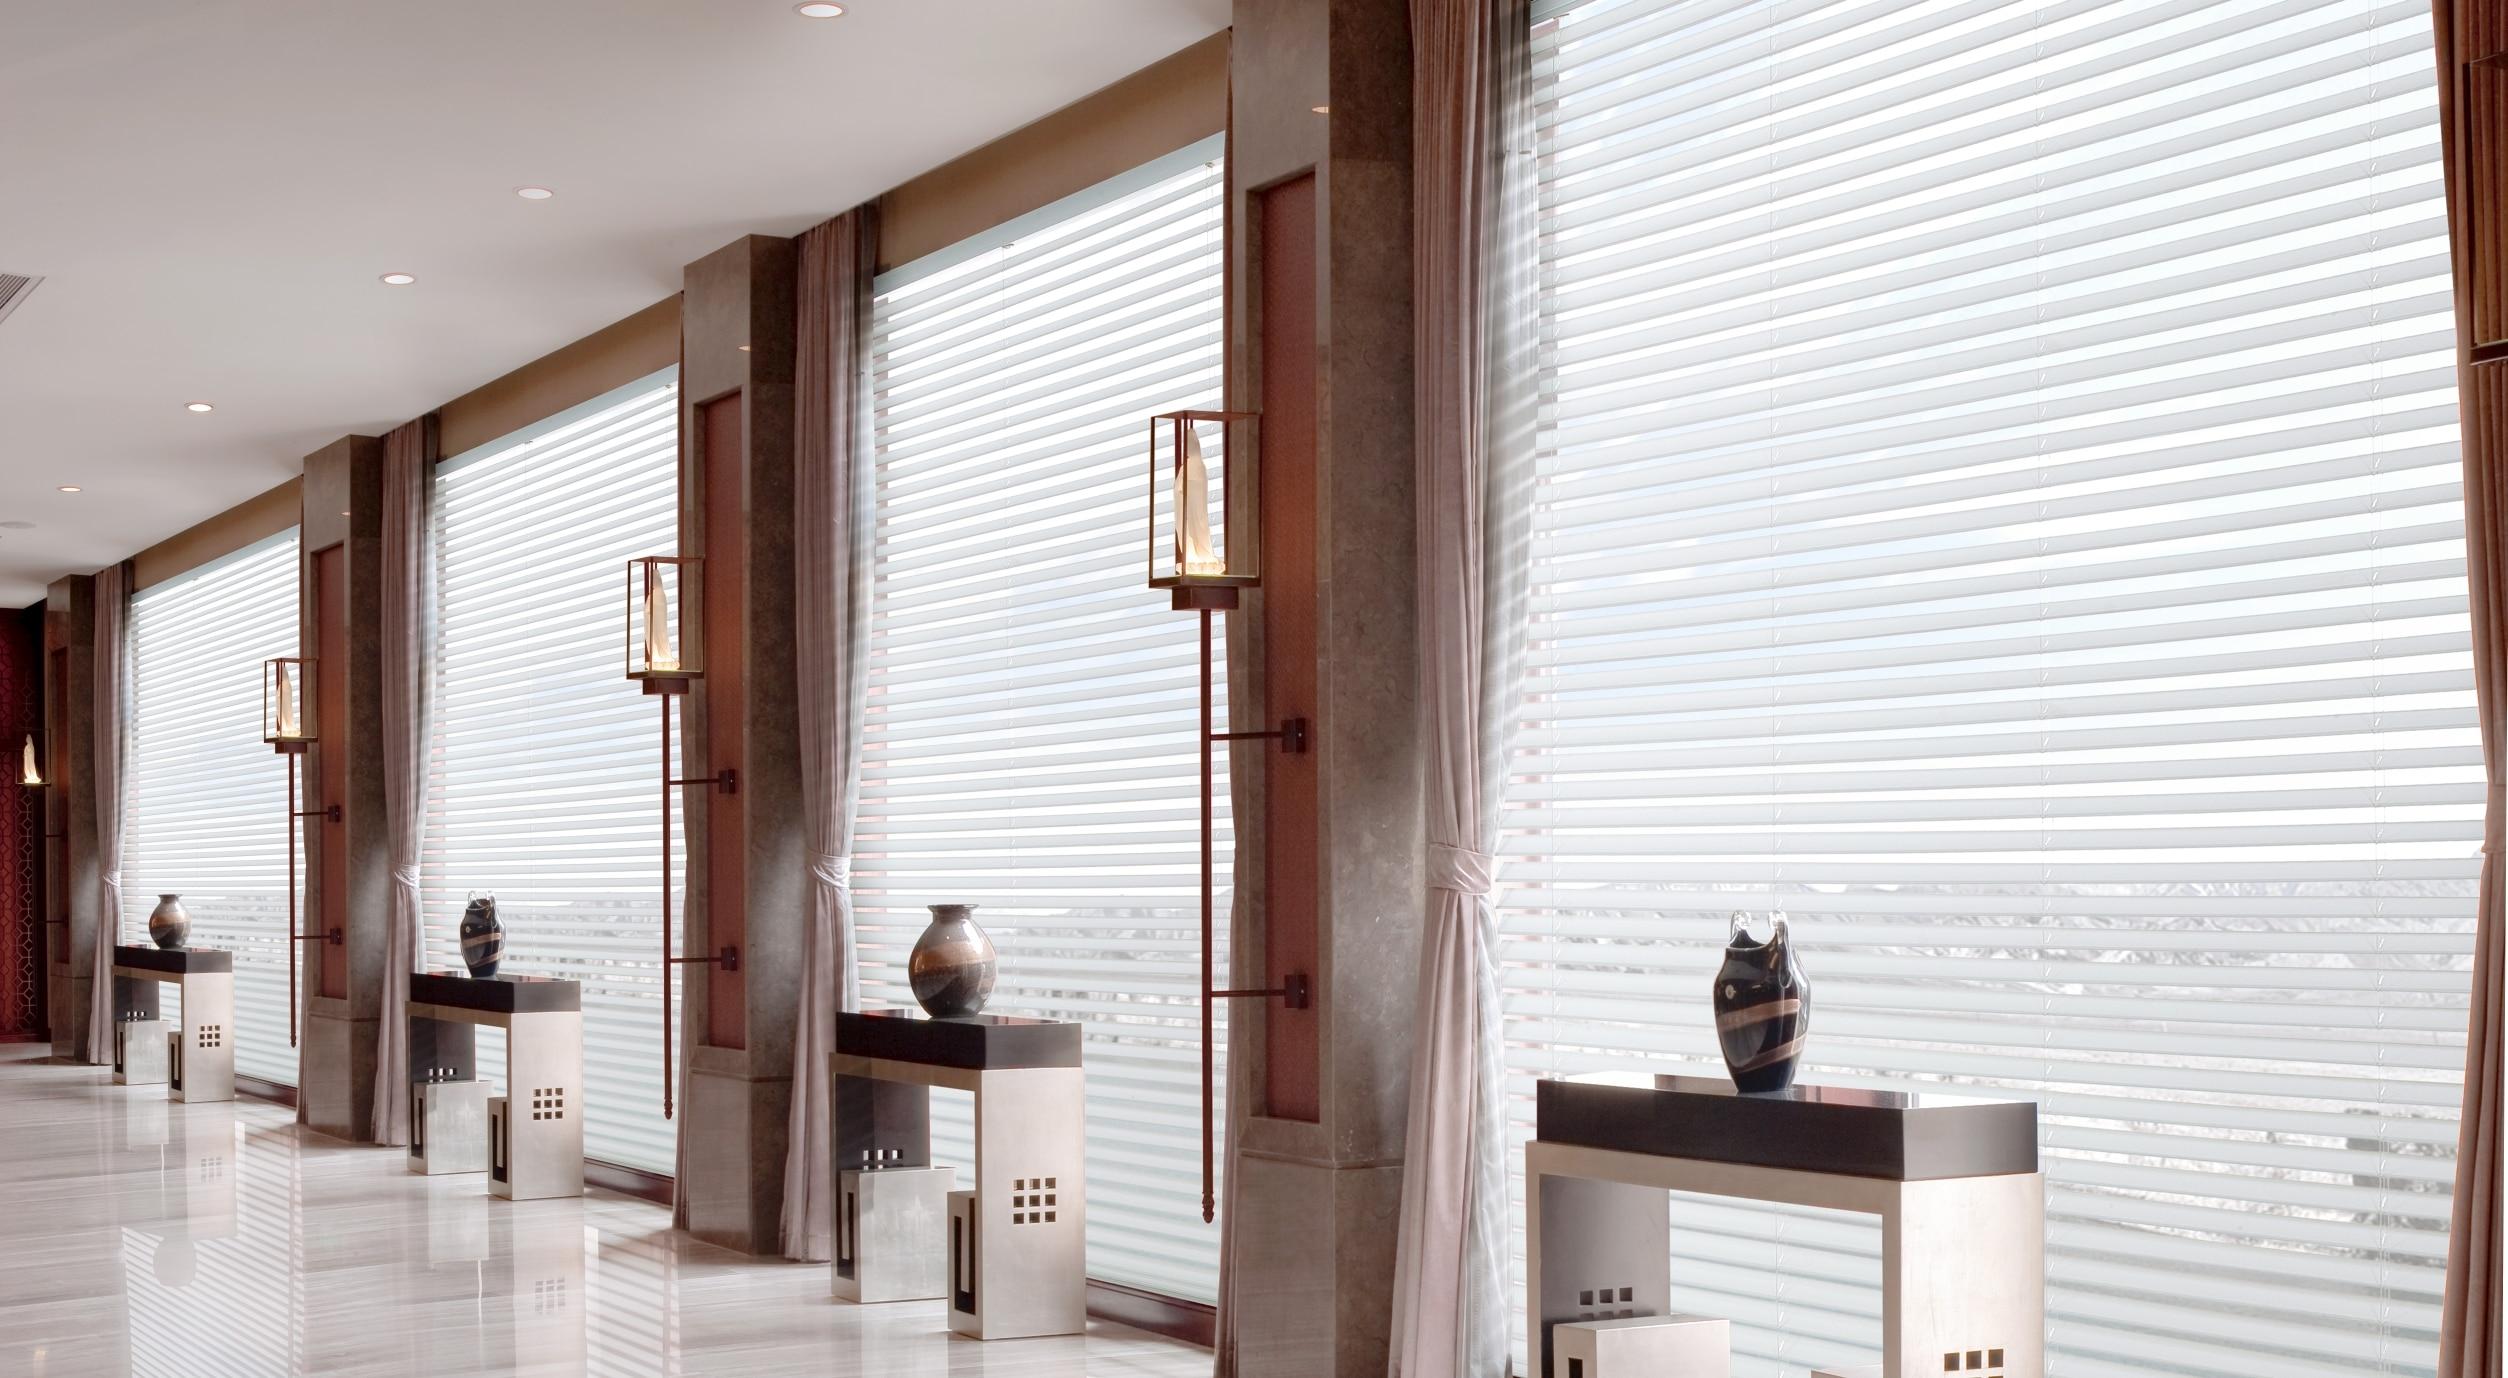 espresso blinds trendy wood blinds at affordable prices. Black Bedroom Furniture Sets. Home Design Ideas